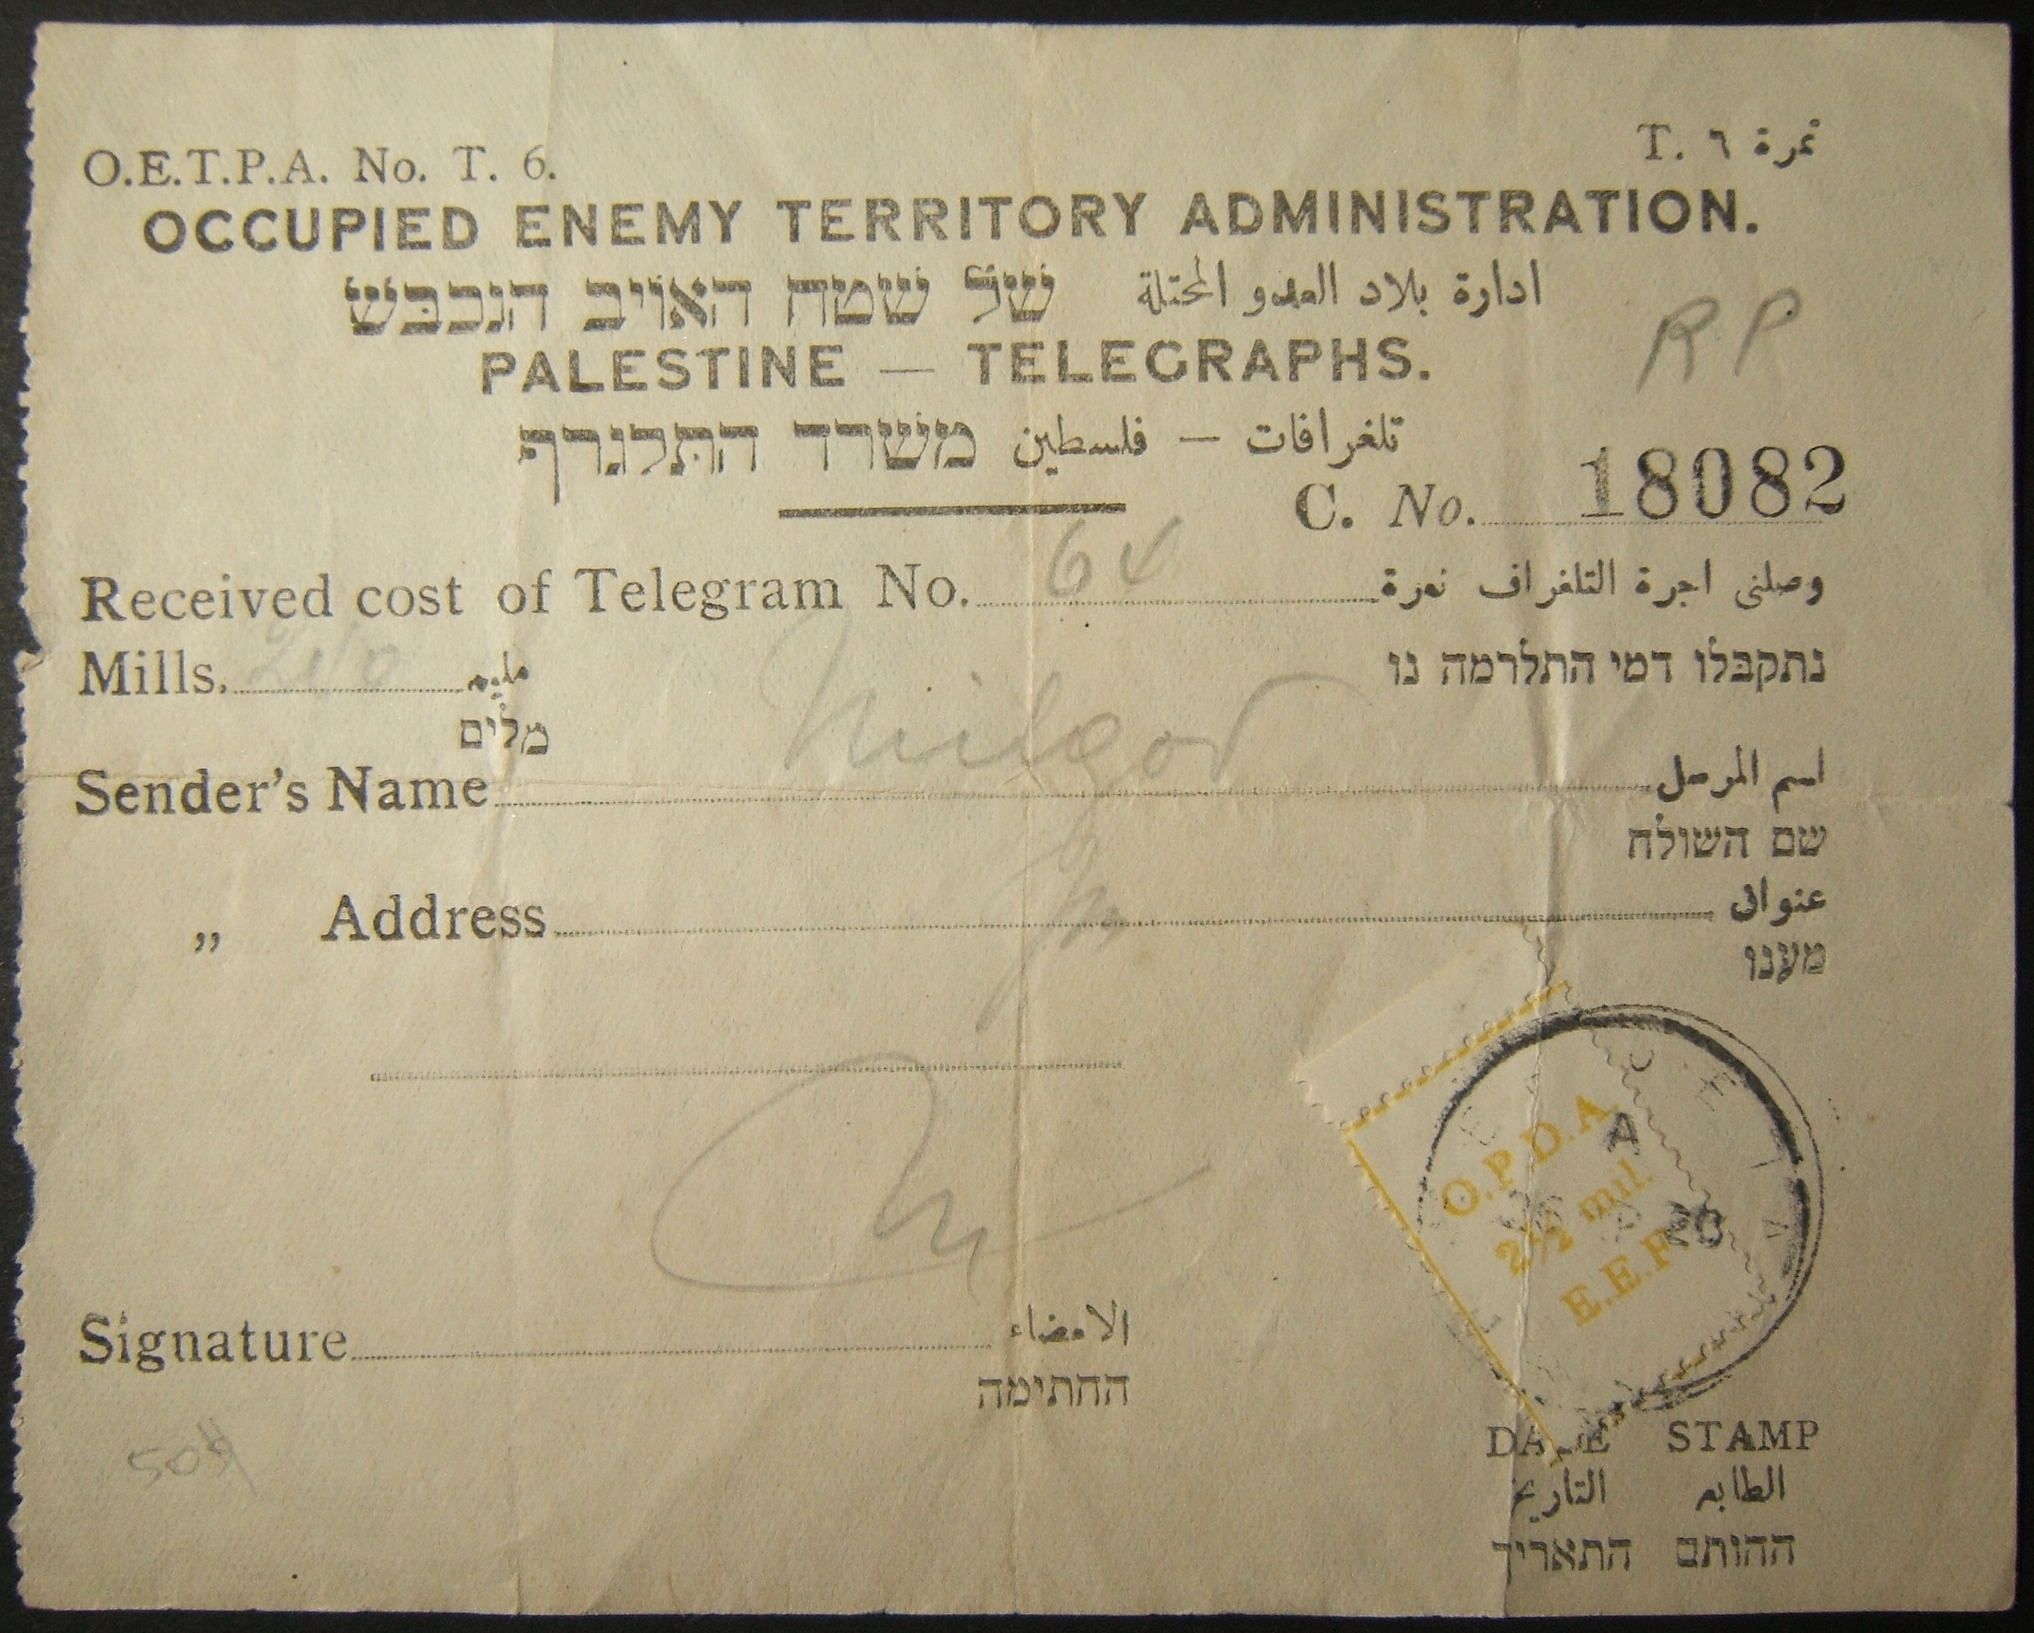 إيصال التلغراف فلسطين الانتداب ، كل شكل ، صريح وعنوان بريدية كلها غير مسجلة